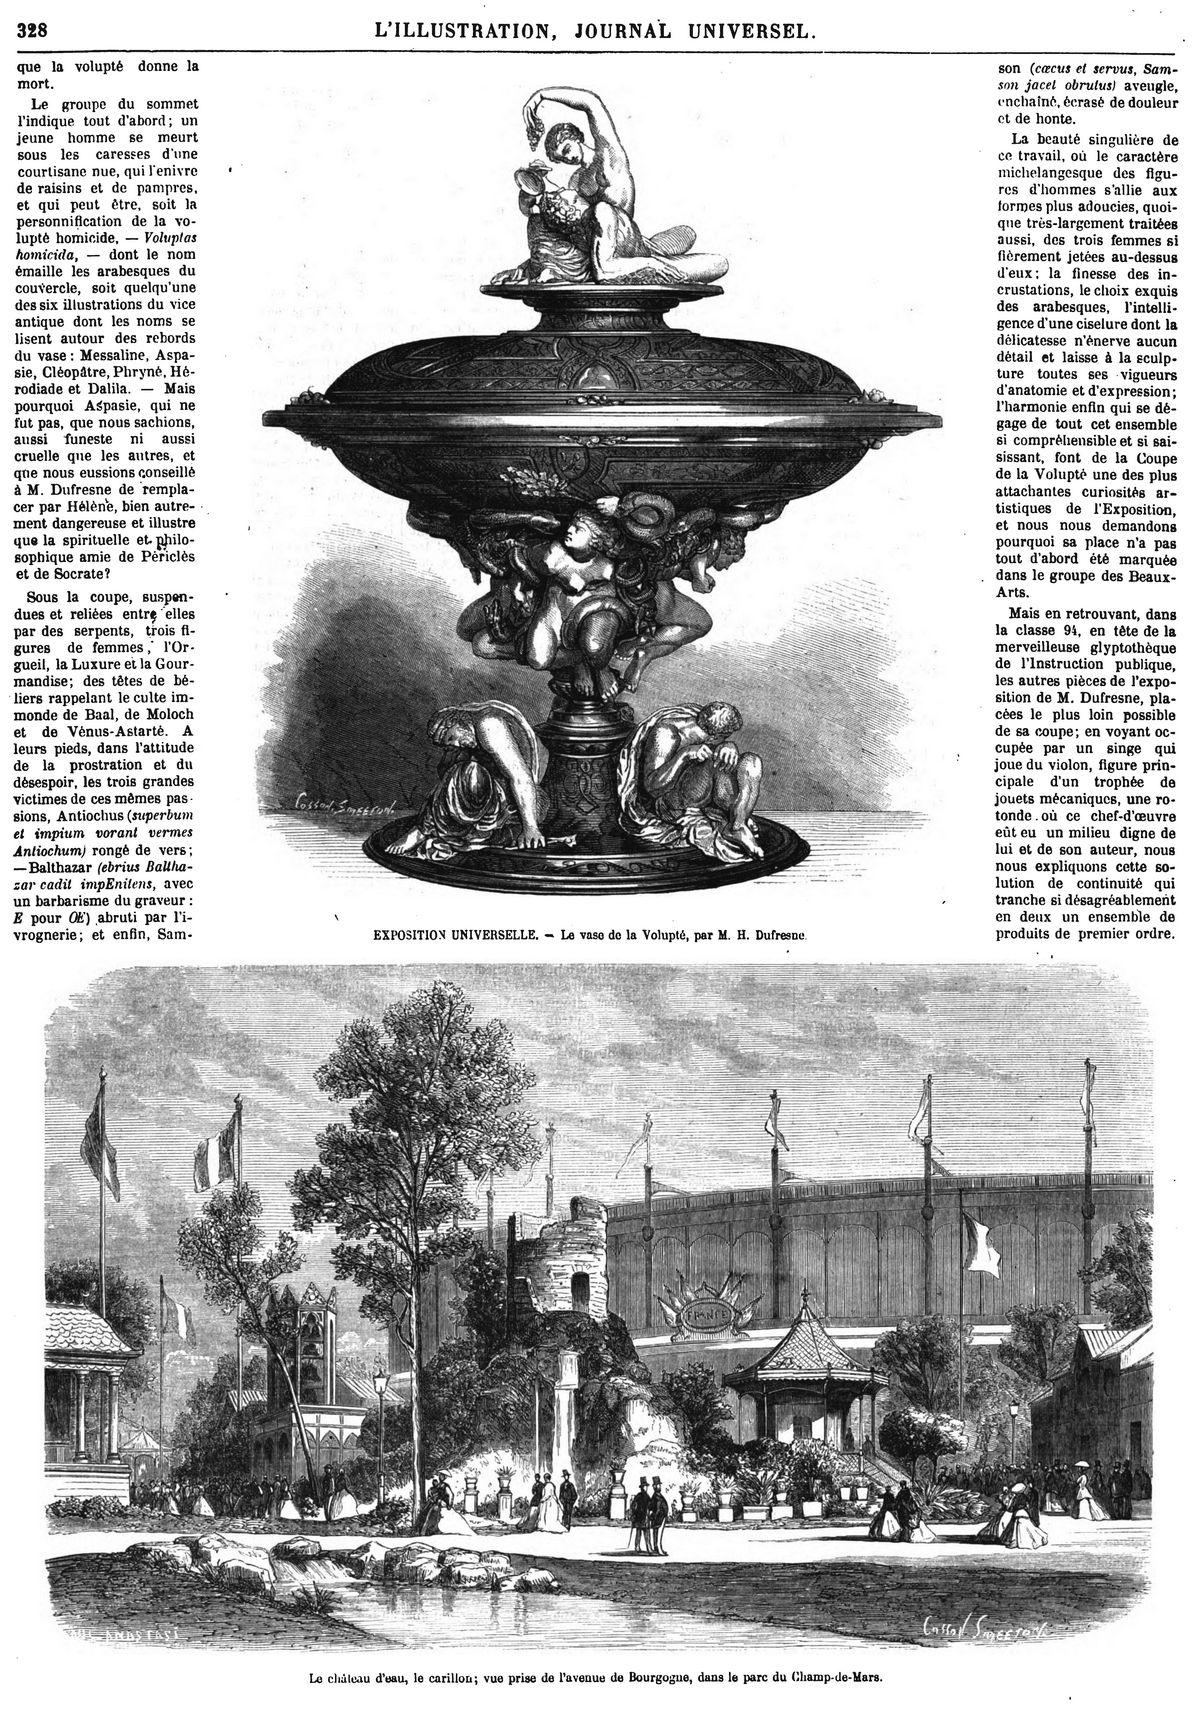 Le Vase de la Volupté, DE M. HENRY DUTREsNE. Le château d'eau, le carillon; vue prise de l'avenue de Bourgogne, dans le parc du Champ-de-Mars. son (coecus et servus, Sam son jacet obrutus) aveugle, enchaîné, écrasé de douleur et de honte. La beauté singulière de ce travail, où le caractère michelangesque des figu res d'hommes s'allie aux formes plus adoucies, quoi que très-largement traitées aussi, des trois femmes si fièrement jetées au-dessus d'eux : la finesse des in crustations, le choix exquis des arabesques, l'intelli gence d'une ciselure dont la délicatesse n'énerve aucun détail et laisse à la sculp ture toutes ses vigueurs d'anatomie et d'expression; l'harmonie enfin qui se dé gage de tout cet ensemble si comprêhensible et si sai sissant, font de la Coupe de la Volupté une des plus attachantes curiosités ar tistiques de l'Exposition, et nOuS nOus demandons pourquoi sa place n'a pas tout d'abord été marquée dans le groupe des Beaux Arts. Mais en retrouvant, dans la classe 94, en tête de la merveilleuse glyptothèque de l'Instruction publique, les autres pièces de l'expo sition de M. Dufresne, pla cées le plus loin possible de sa coupe; en voyant oc cupée par un singe qui joue du violon, figure prin cipale d'un trophée de jouets mécaniques, une ro tonde .. où ce chef-d'oeuvre eût eu un milieu digne de lui et de son auteur, nous nous expliquons cette so lution de continuité qui tranche si désagréablement en deux un ensemble de produits de premier ordre